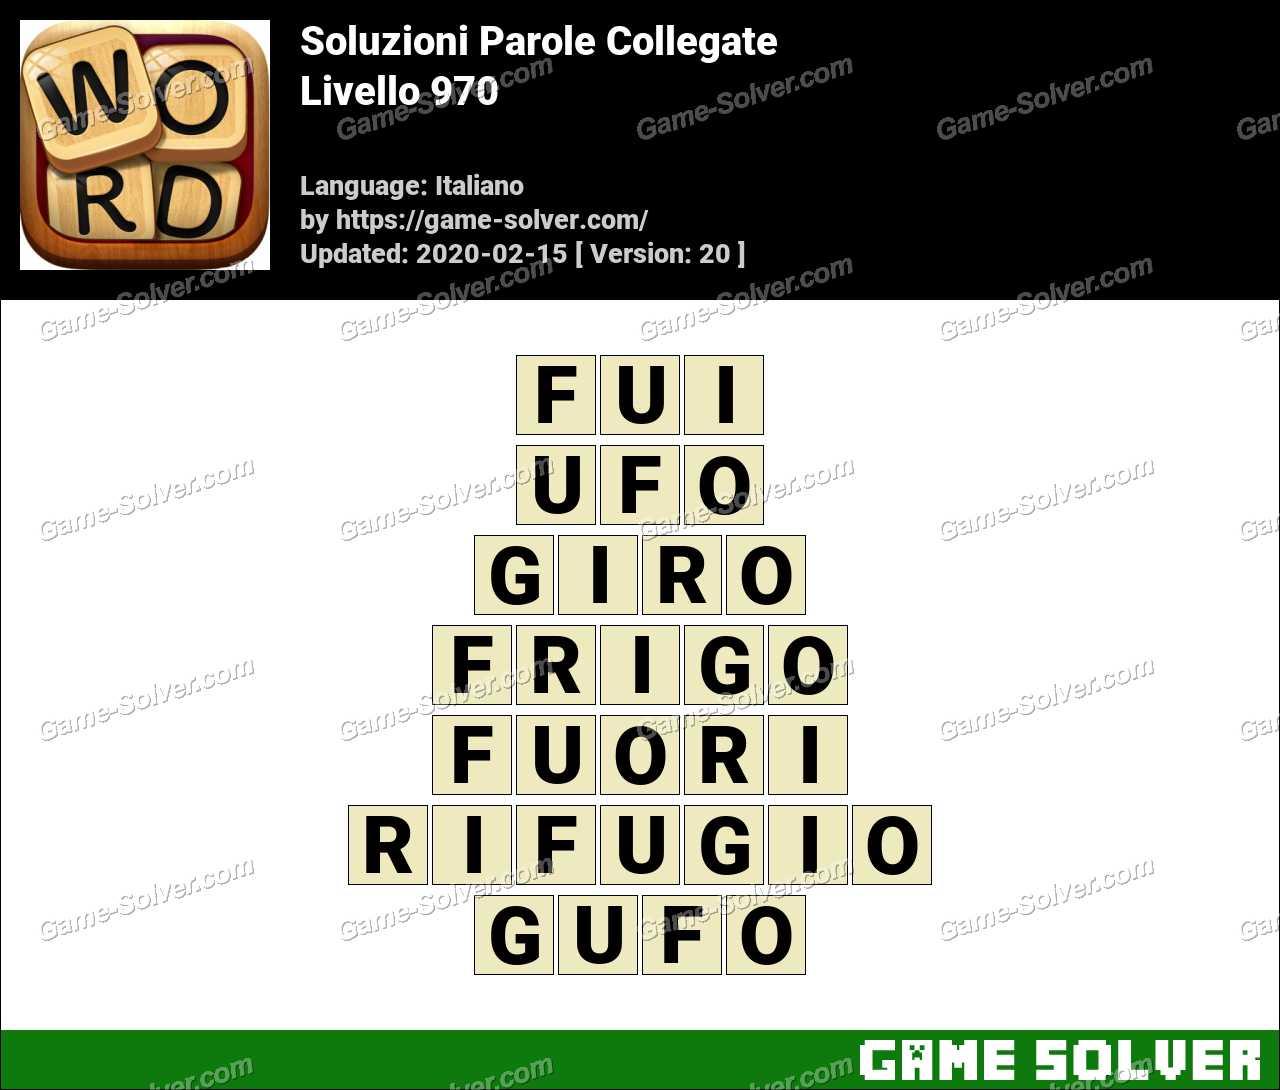 Soluzioni Parole Collegate Livello 970